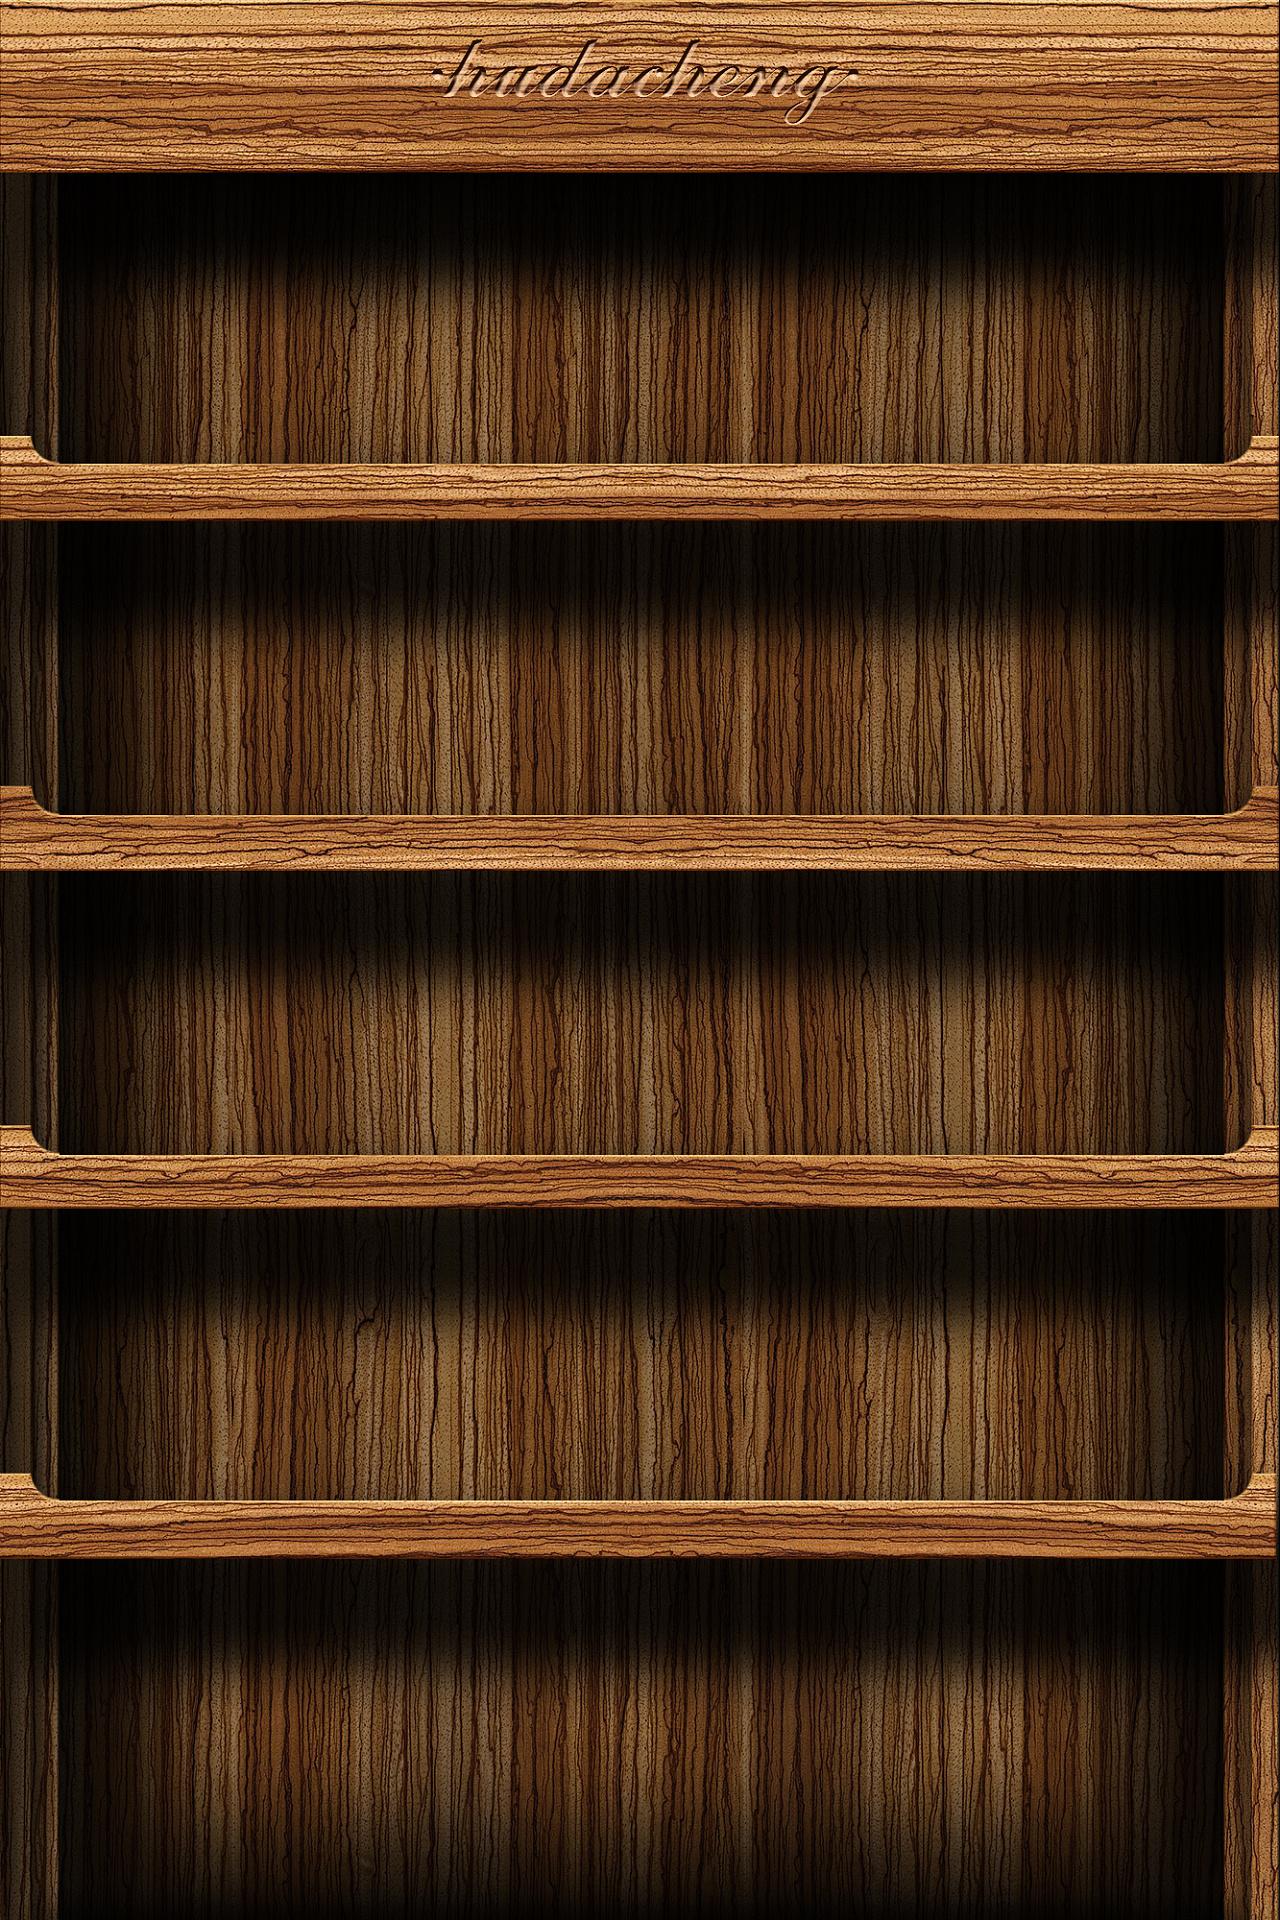 自己画的书架壁纸 魅族mx的 拿去用吧